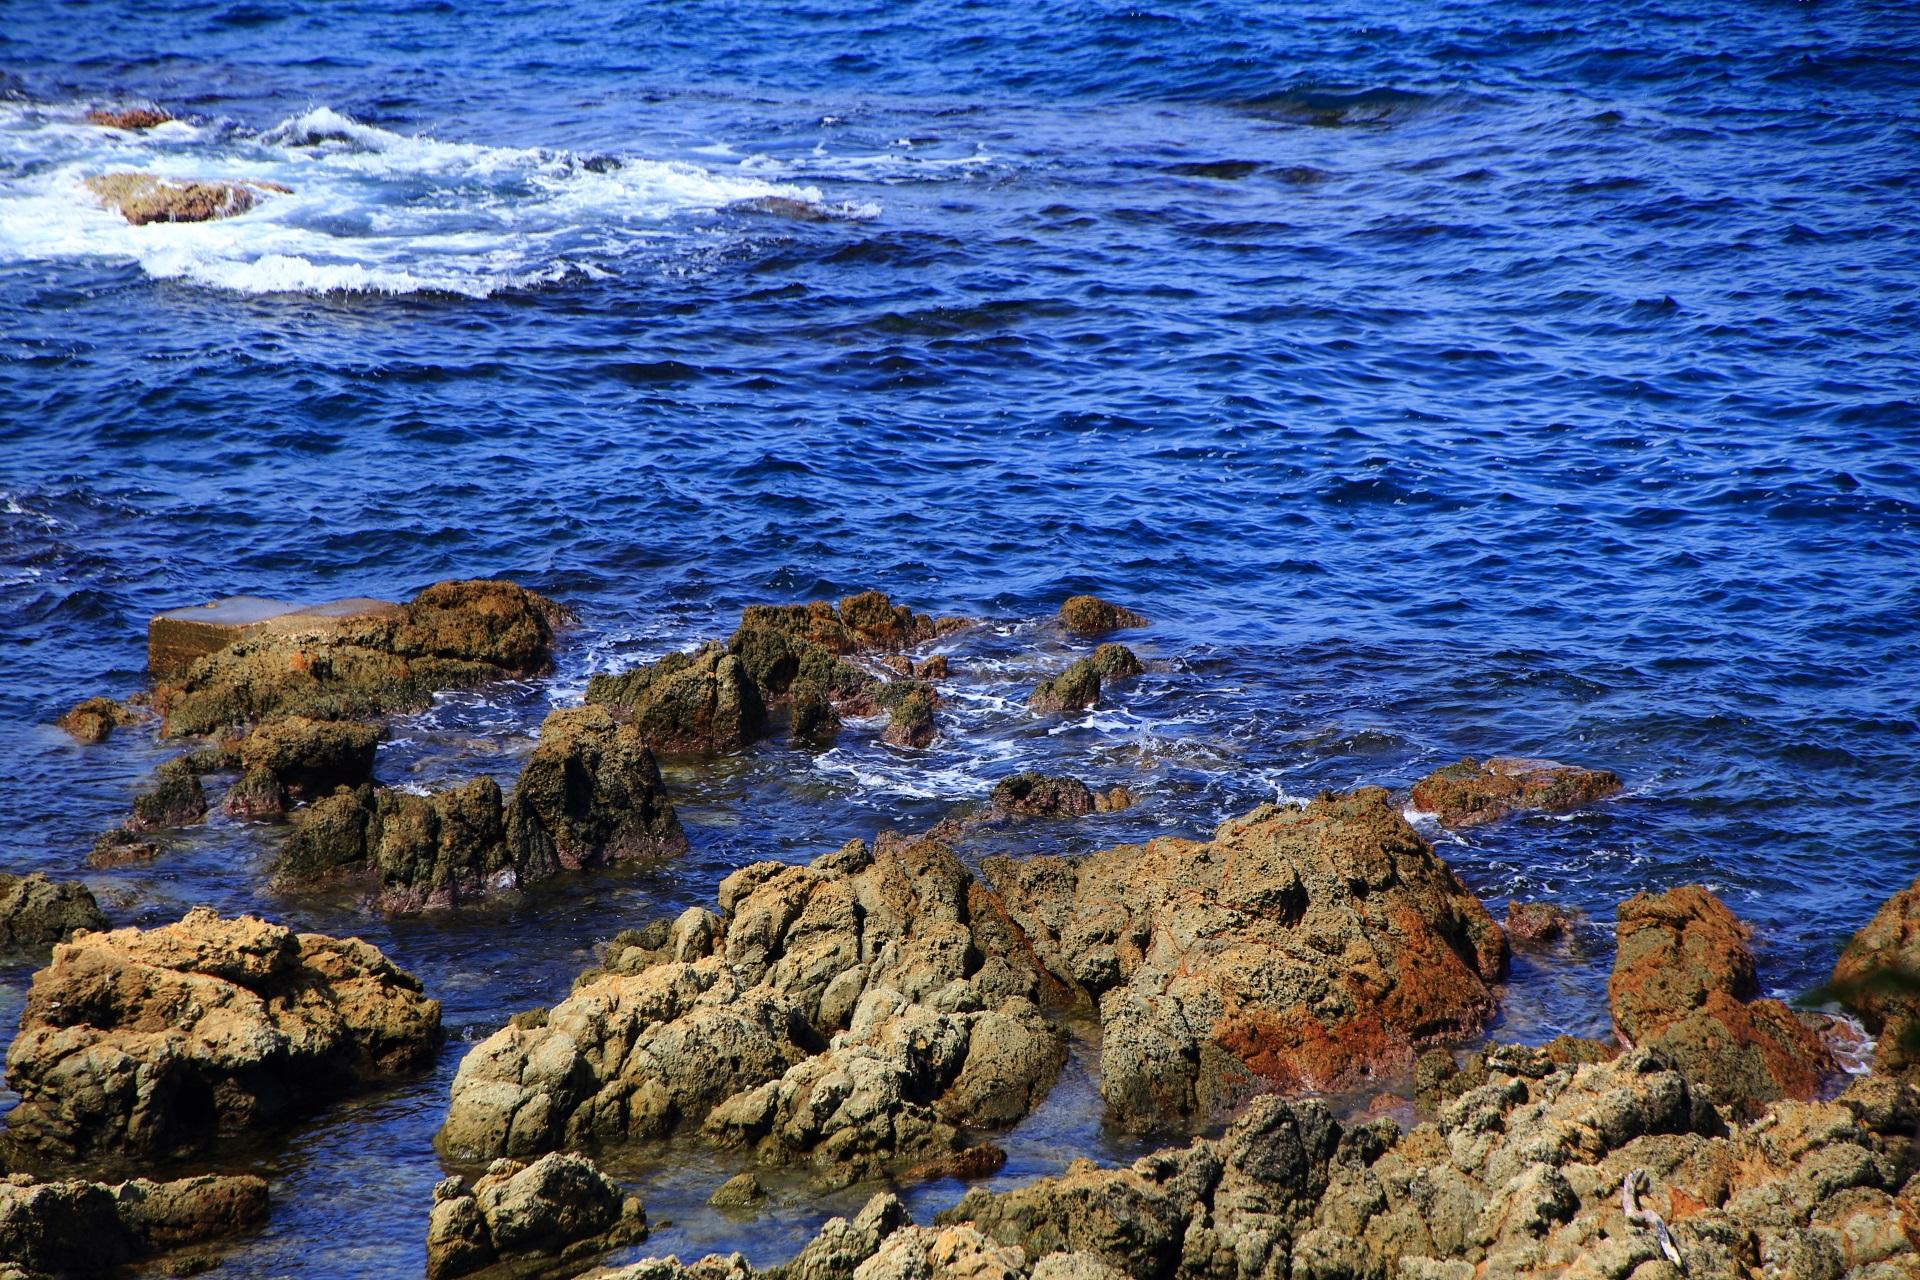 五色浜の岸沿いのゴツゴツした岩